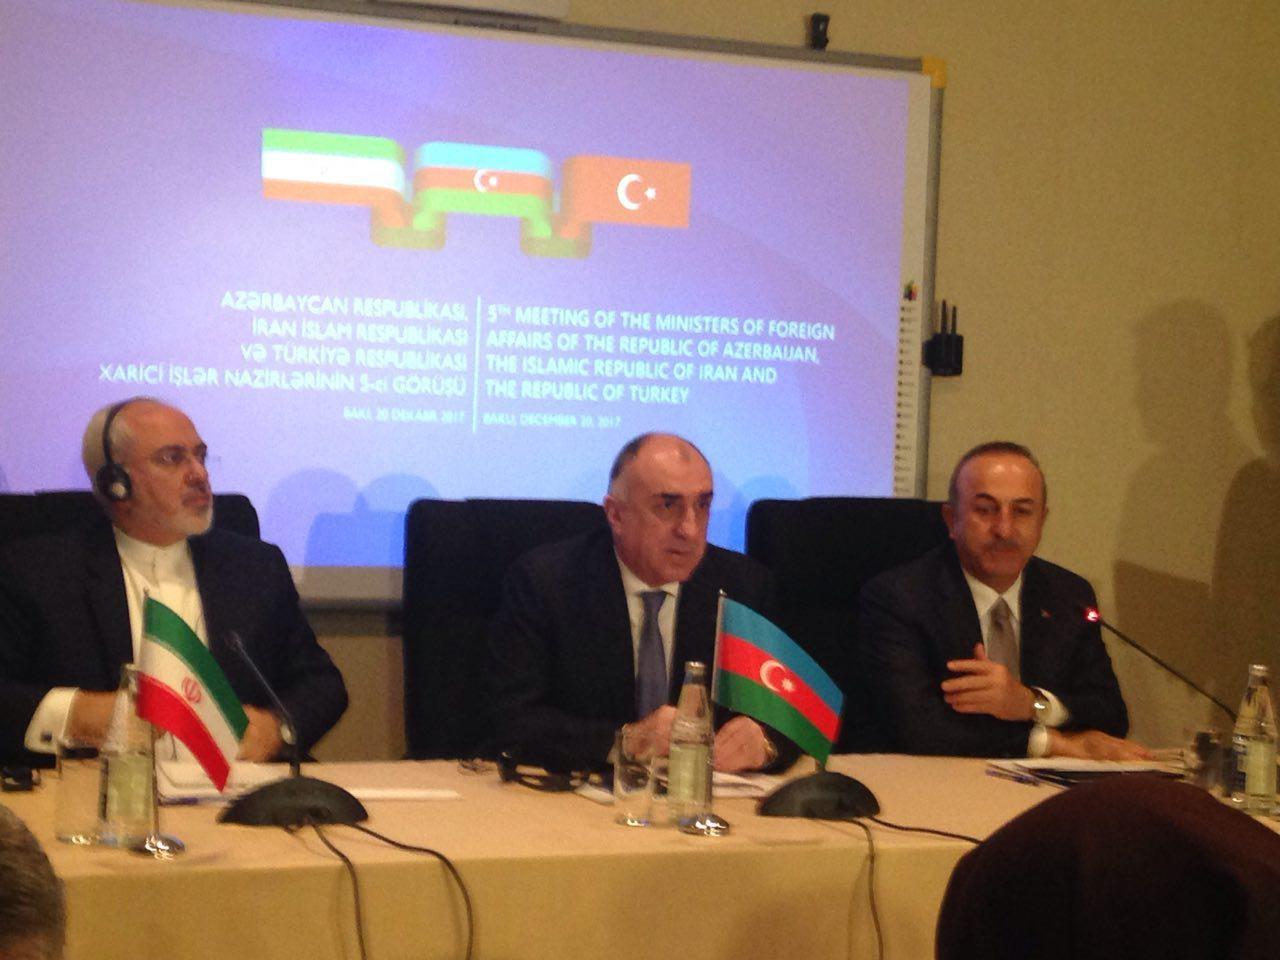 کنفرانس خبری مشترک وزیران خارجه سه کشور ایران، آذربایجان و ترکیه